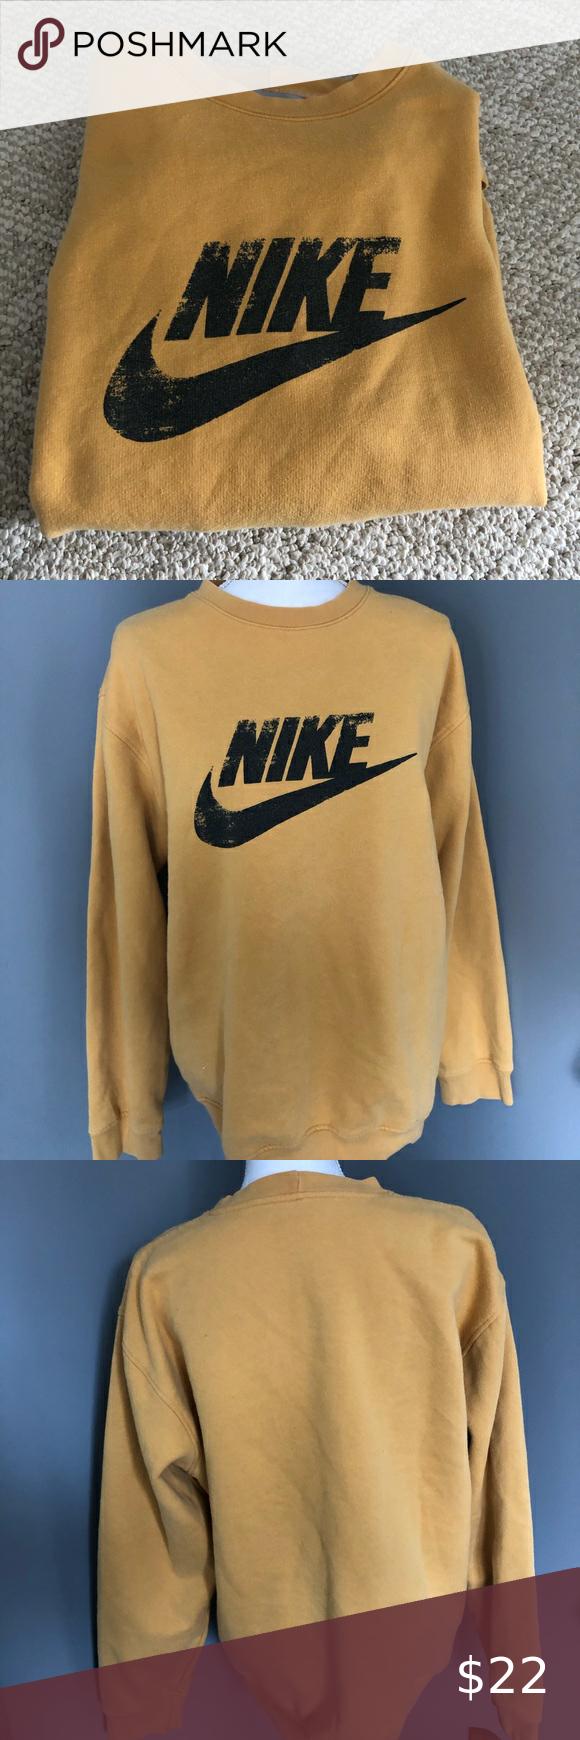 Yellow Nike Sweatshirt Sweatshirts Yellow Nikes Nike Sweatshirts [ 1740 x 580 Pixel ]